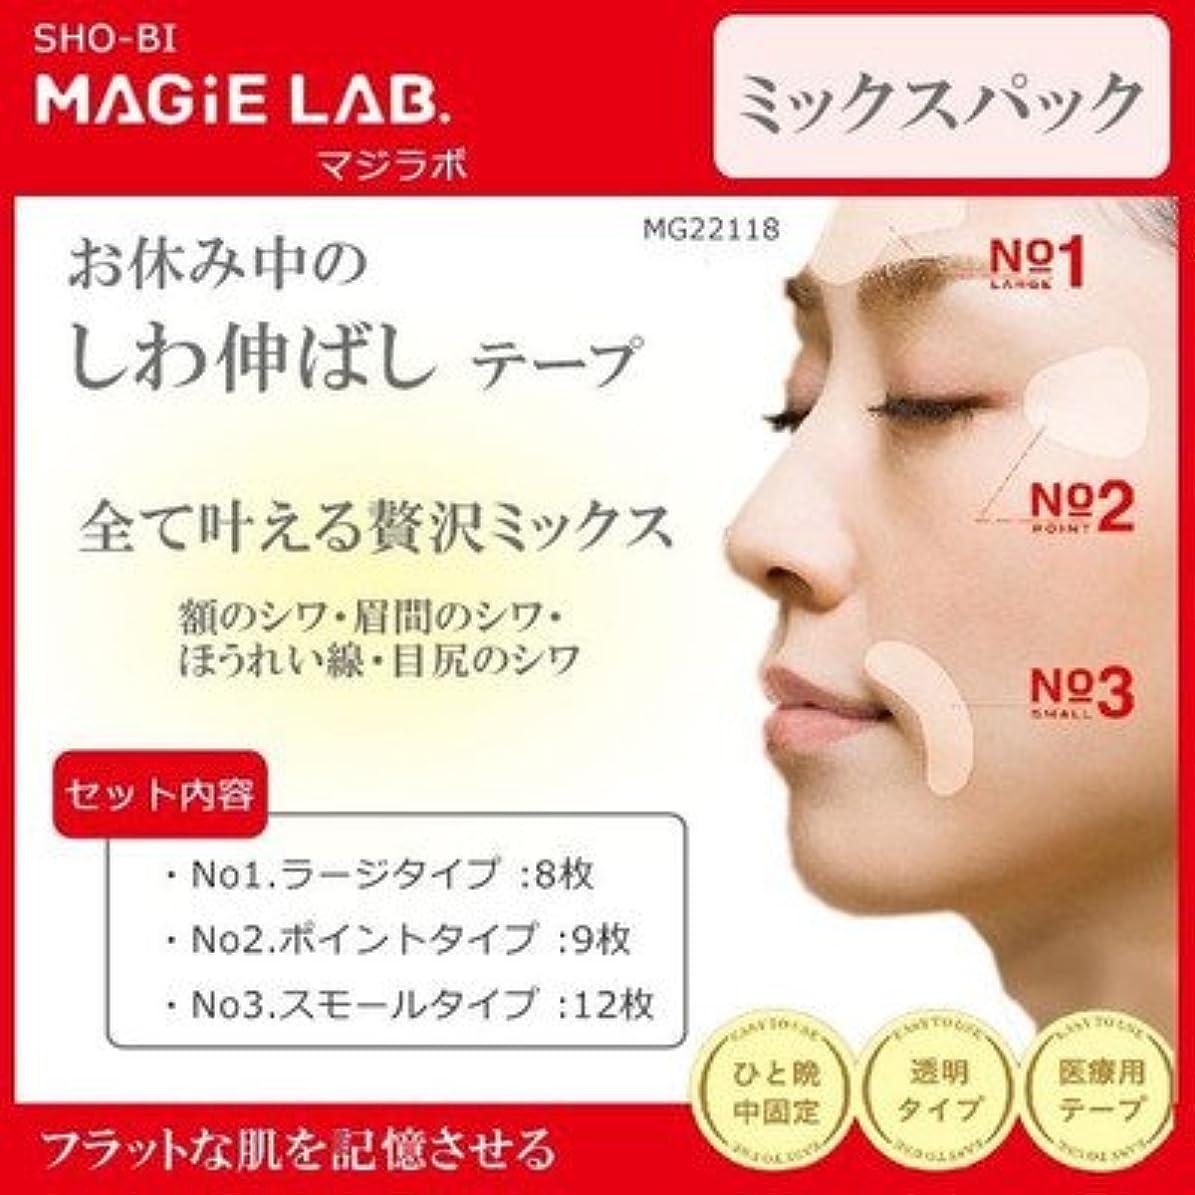 拾う剃る大使館MAGiE LAB.(マジラボ) 全て叶える贅沢ミックス お休み中のしわ伸ばしテープ ミックスパック MG22118